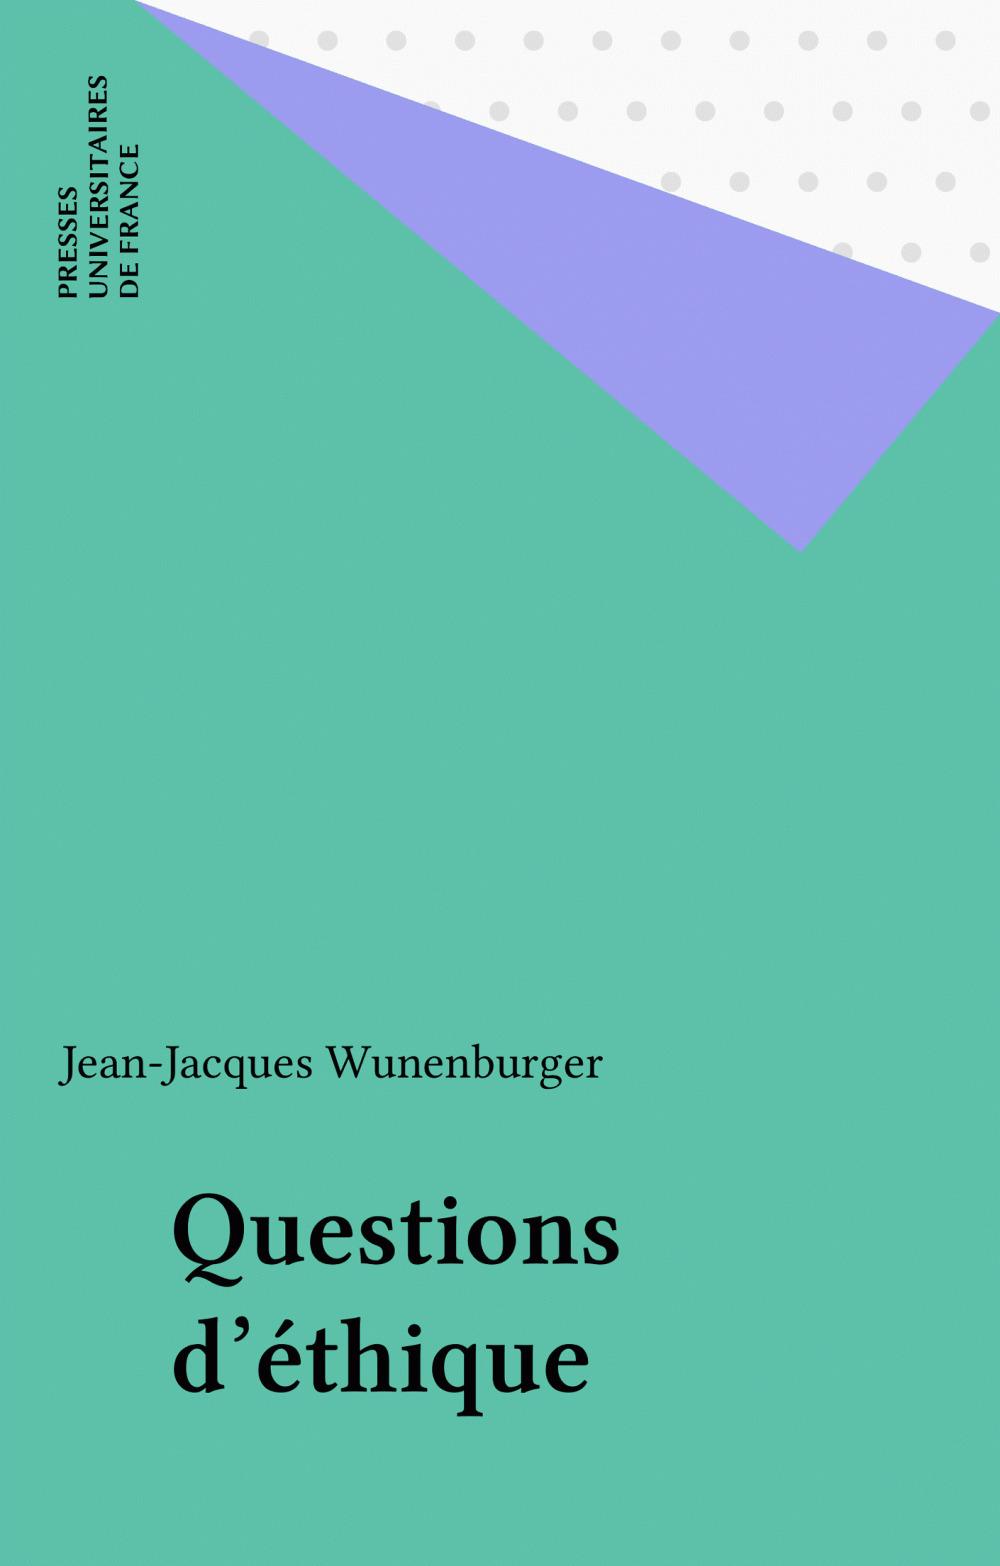 Questions d'éthique